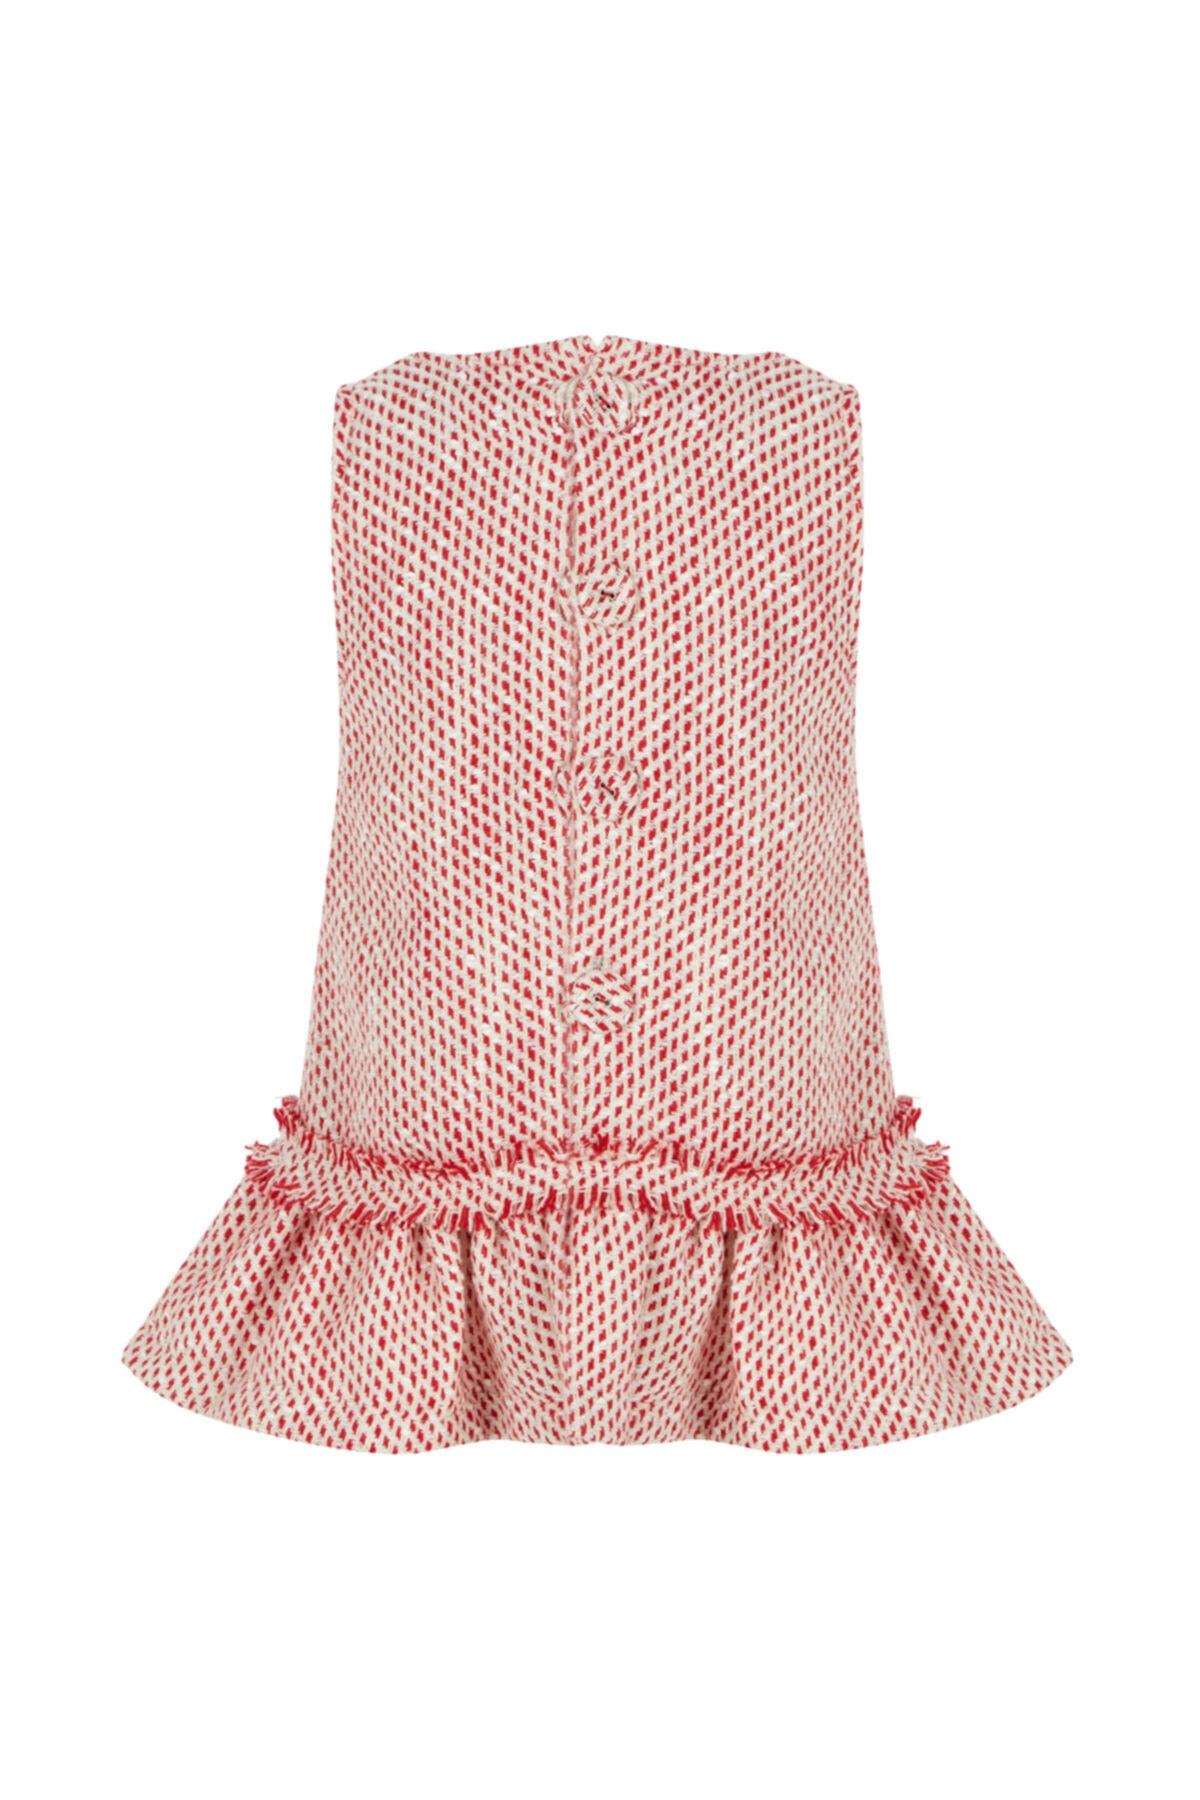 BLEU LAPİN BABY Kız Çocuk Kırmızı Desenli Elbise Lady Lisa 2